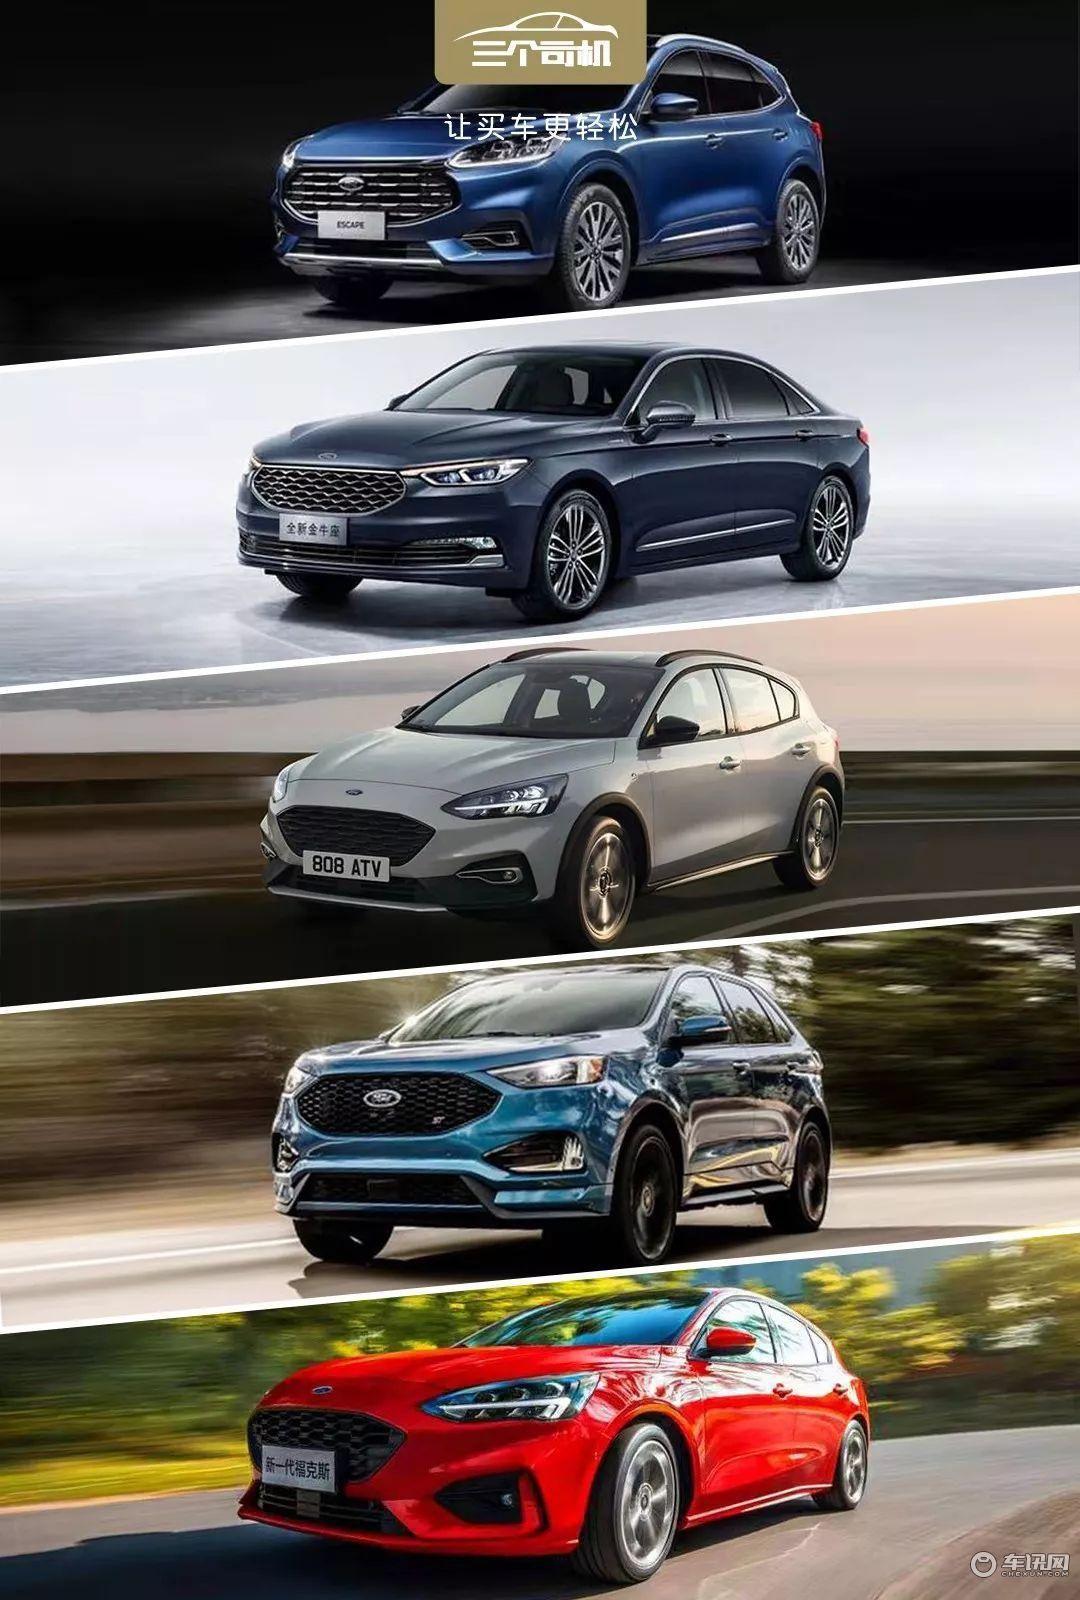 福特中国反击五辆重型新车纷纷上市其中一辆是高尔夫竞争对手